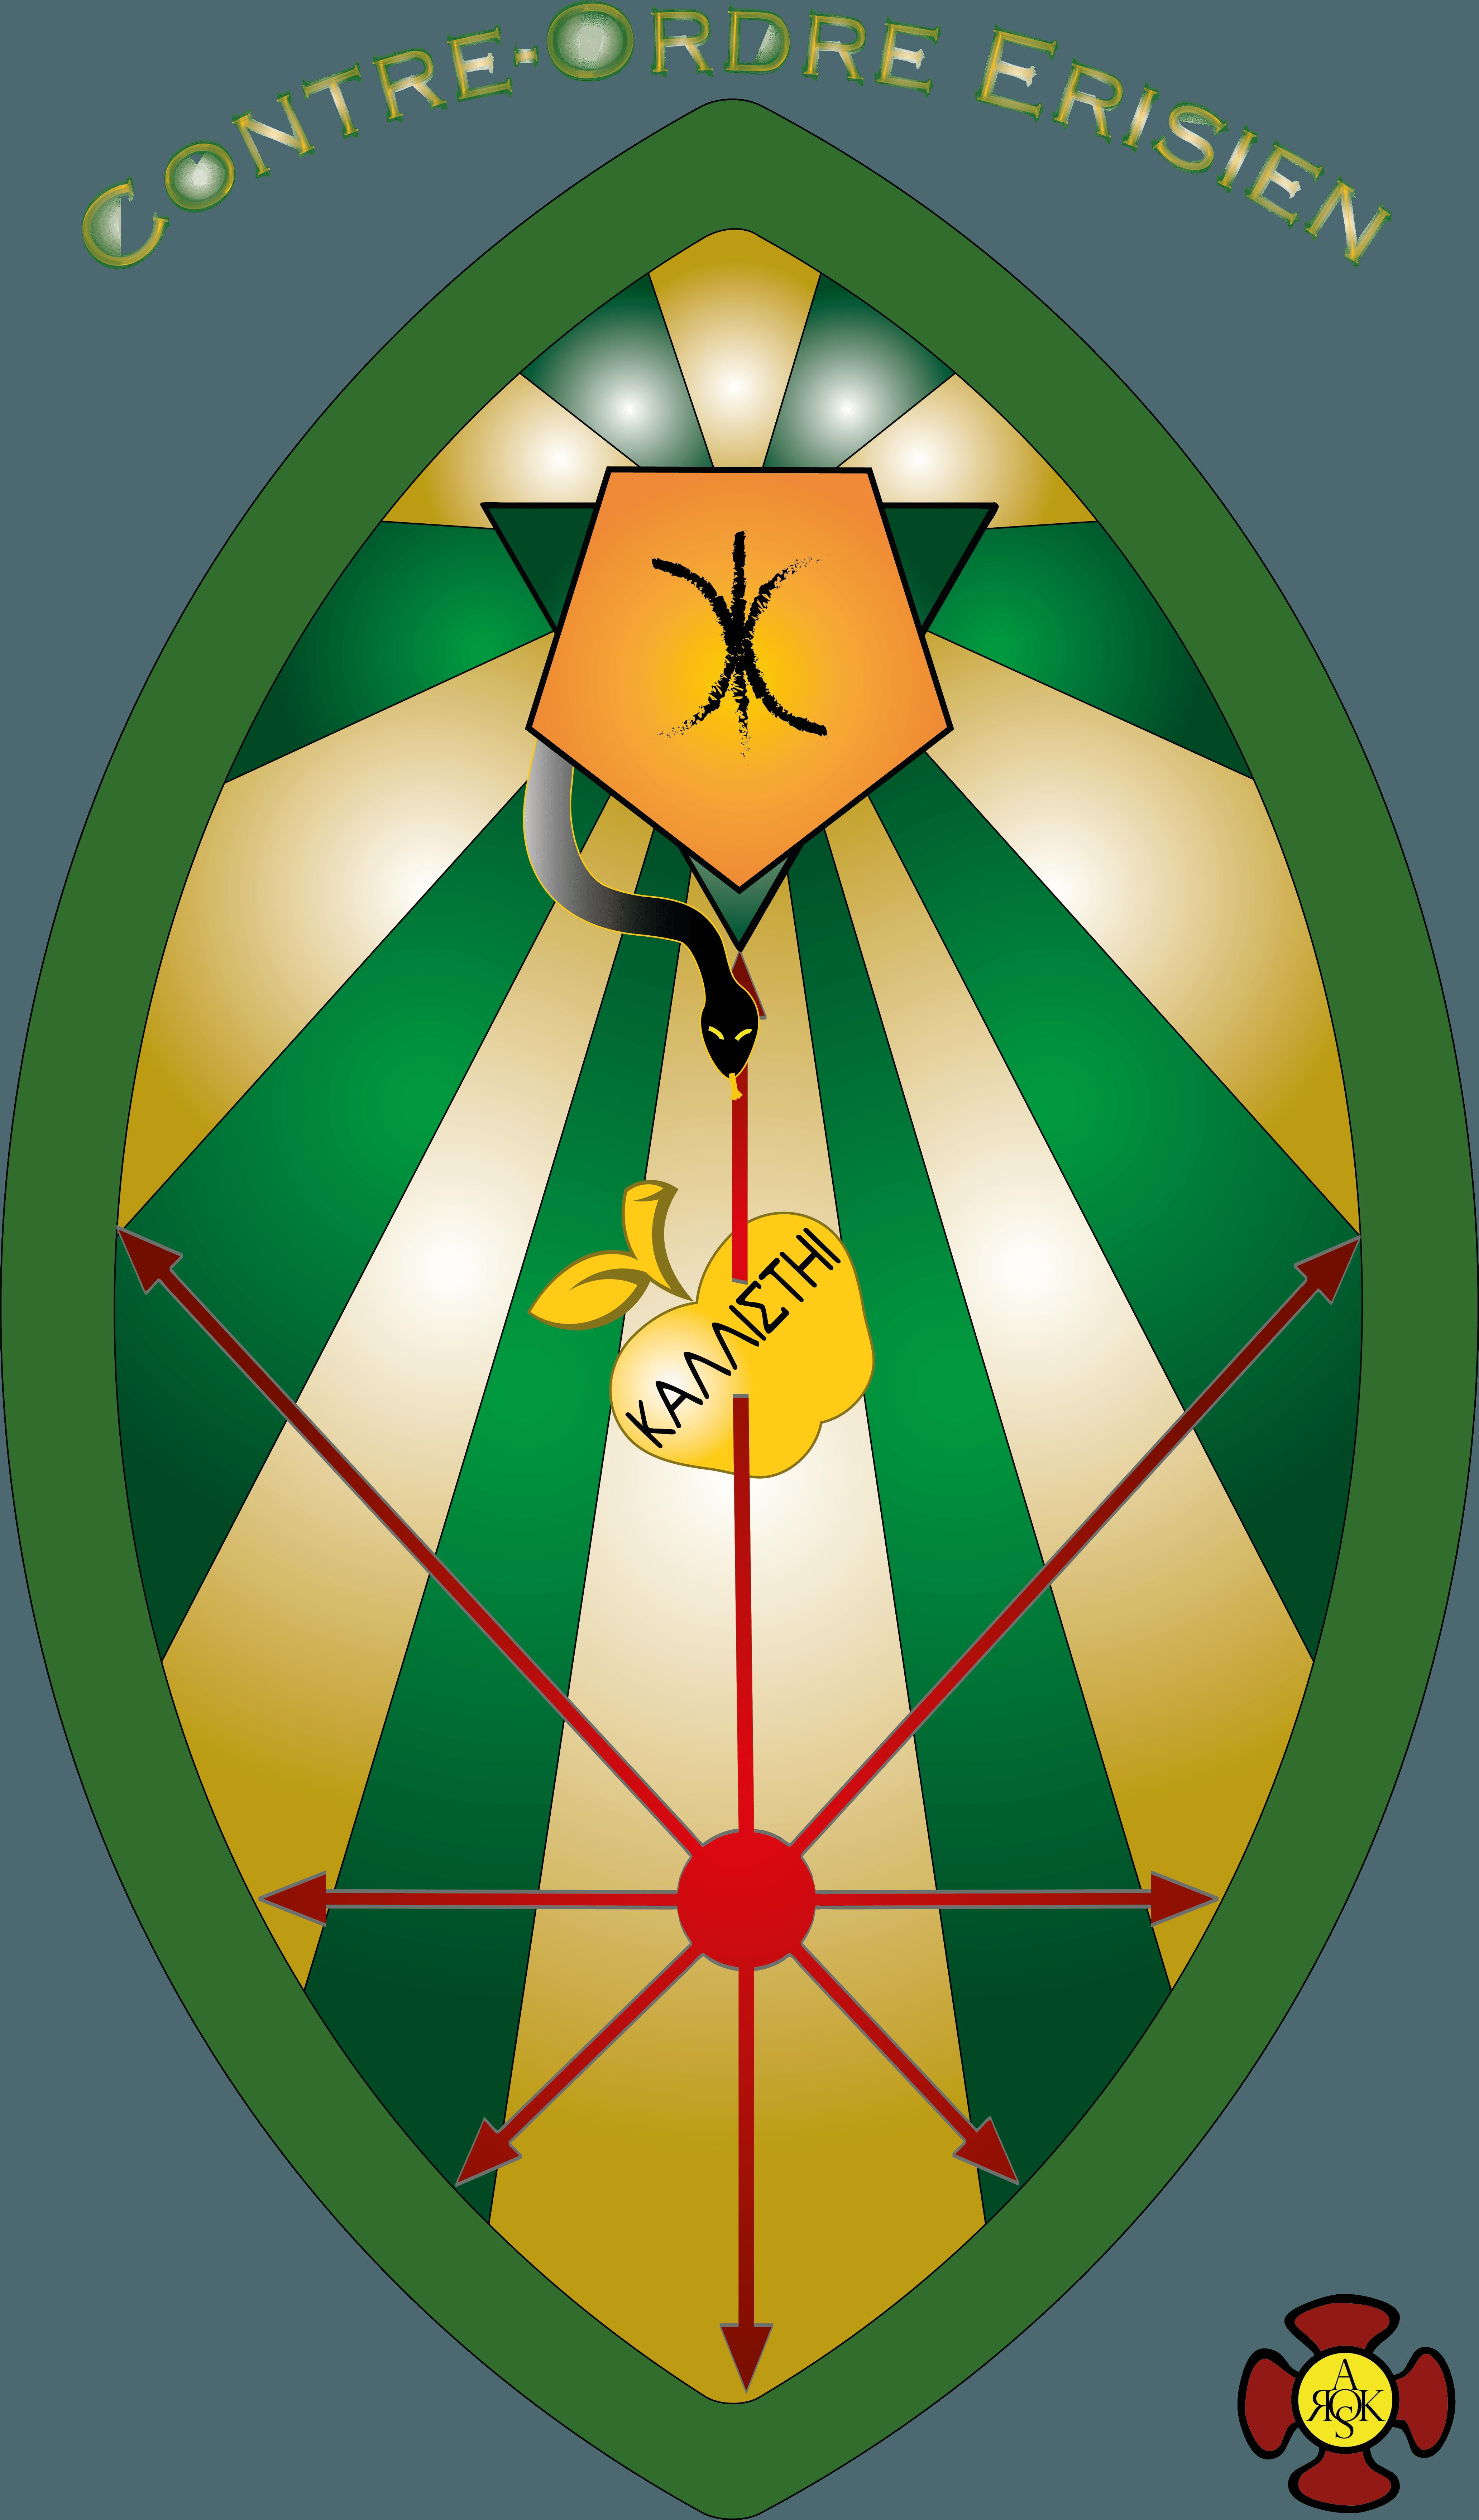 Mandorle eris - Lettre sur certains ordres secrets